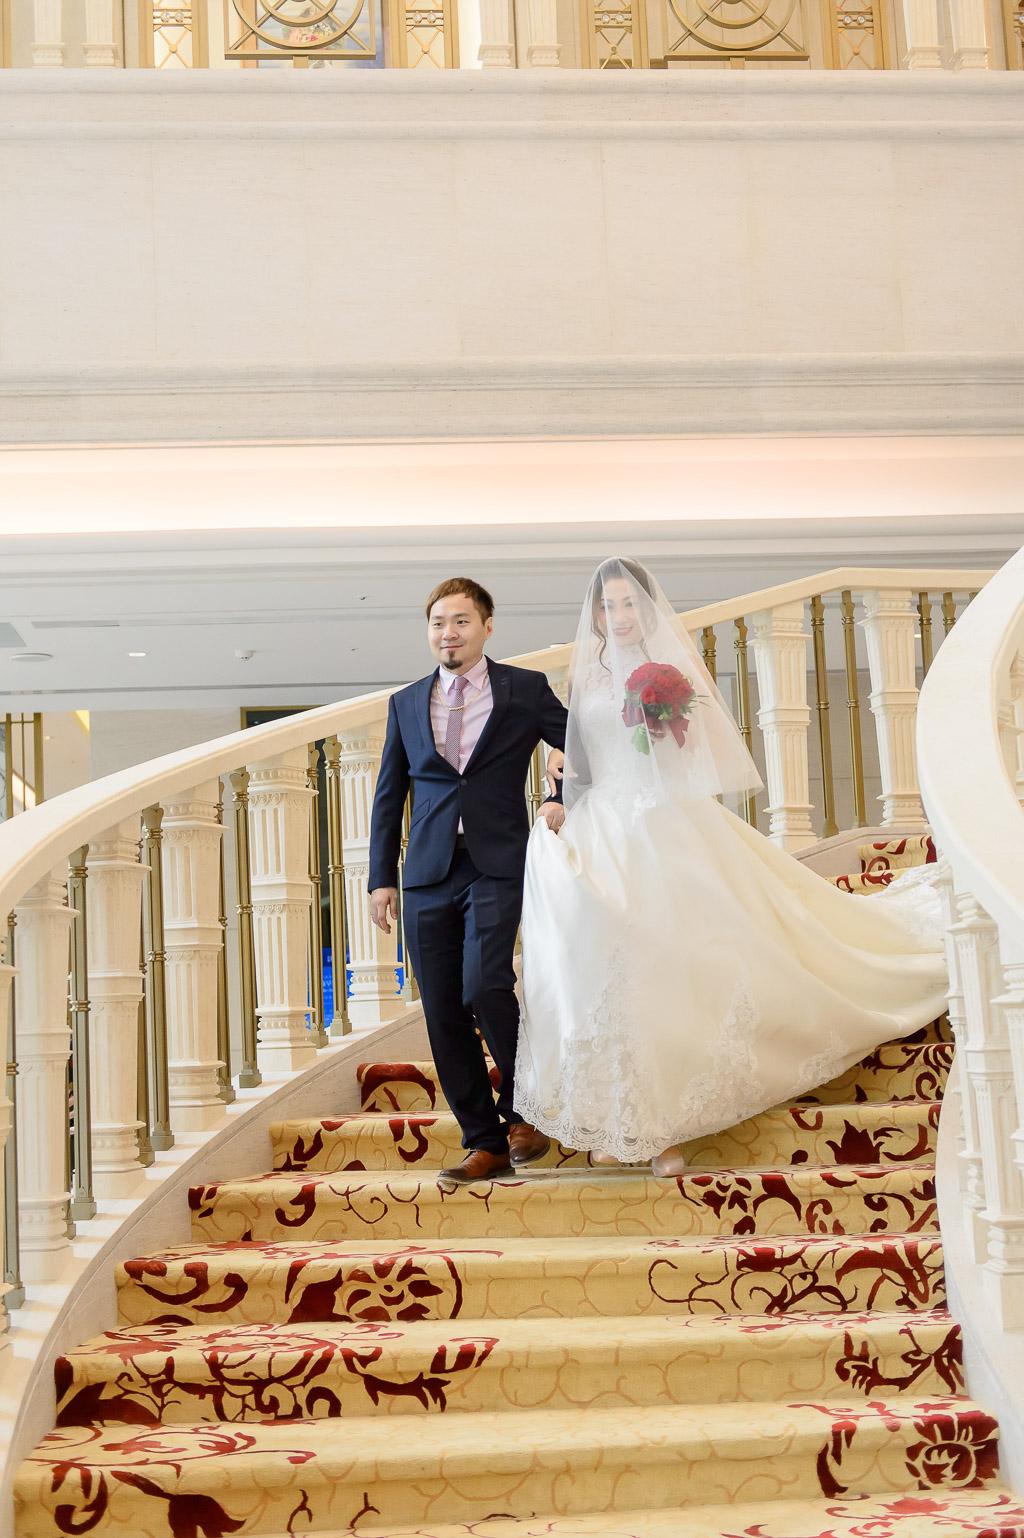 婚攝小勇,小寶團隊, 單眼皮新秘小琁, 自助婚紗, 婚禮紀錄, 和璞,台北婚紗,wedding day-049